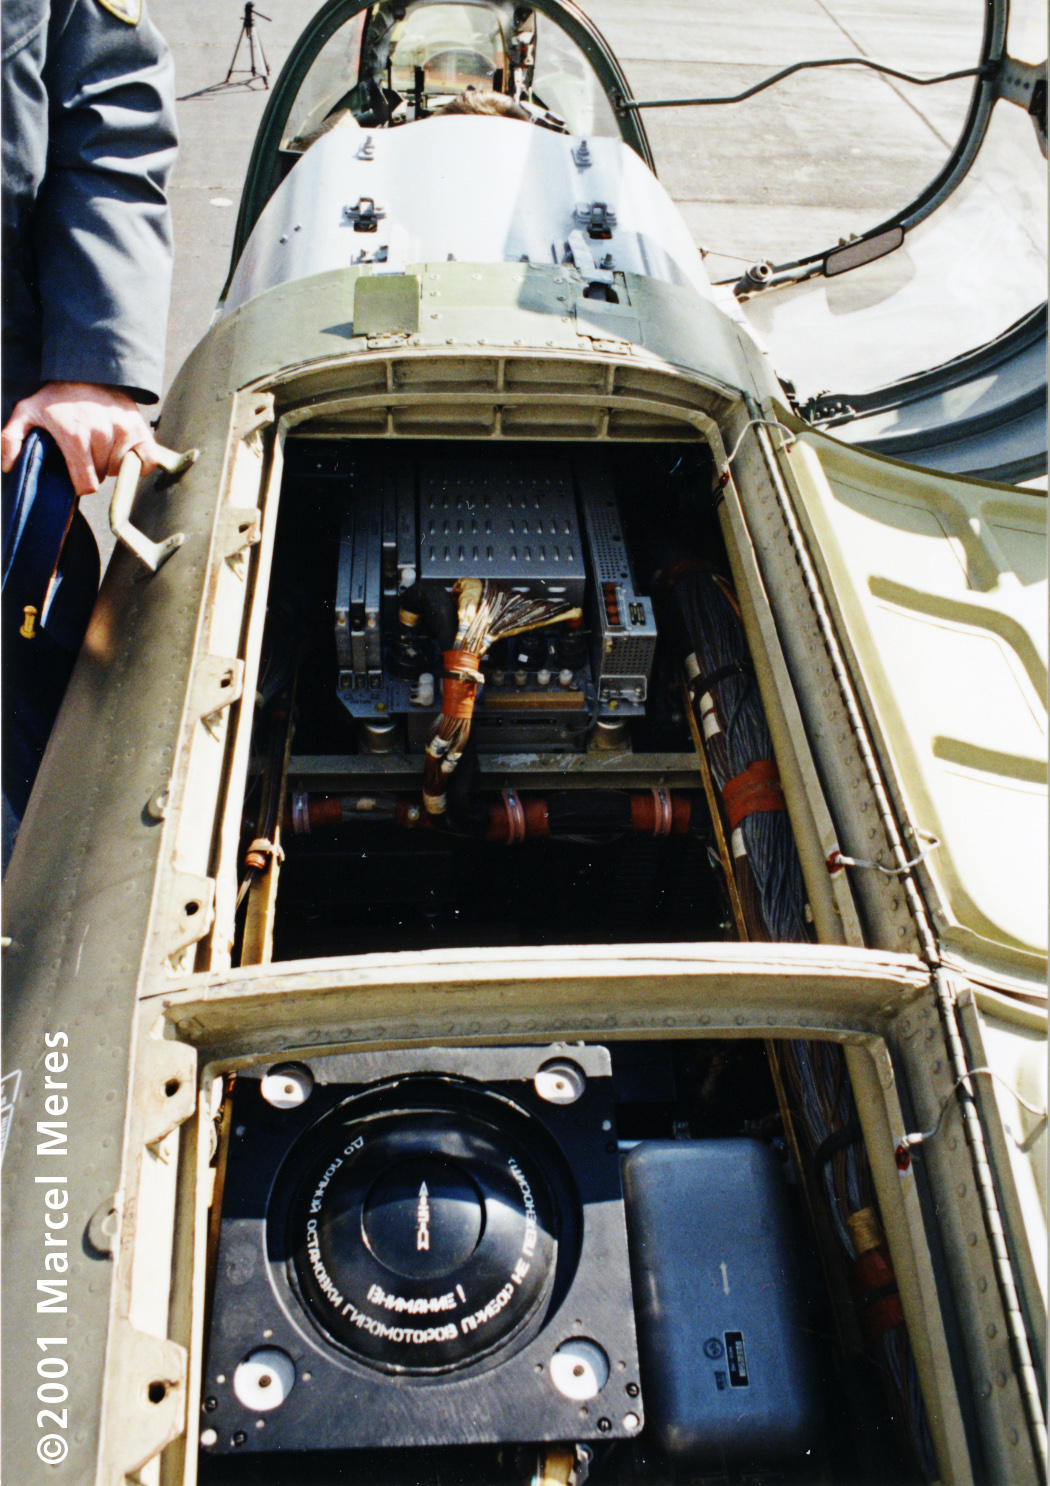 Opened bay, roof Su-25